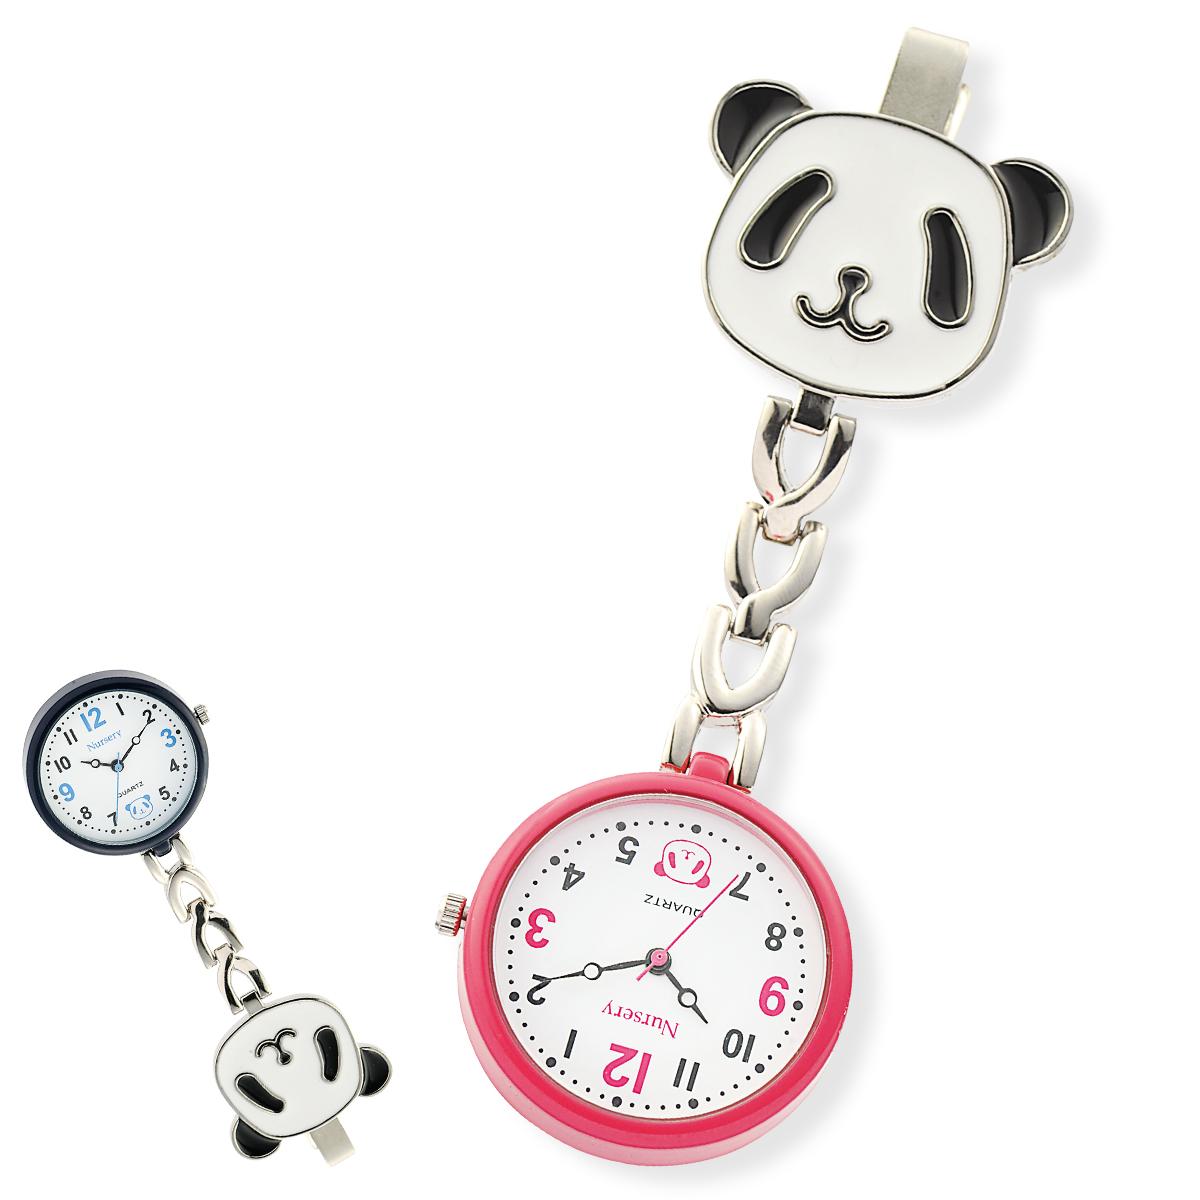 13646 パンダ クリップウォッチ【ナース 小物 ナースグッズ 看護師 医療 ウォッチ 時計】